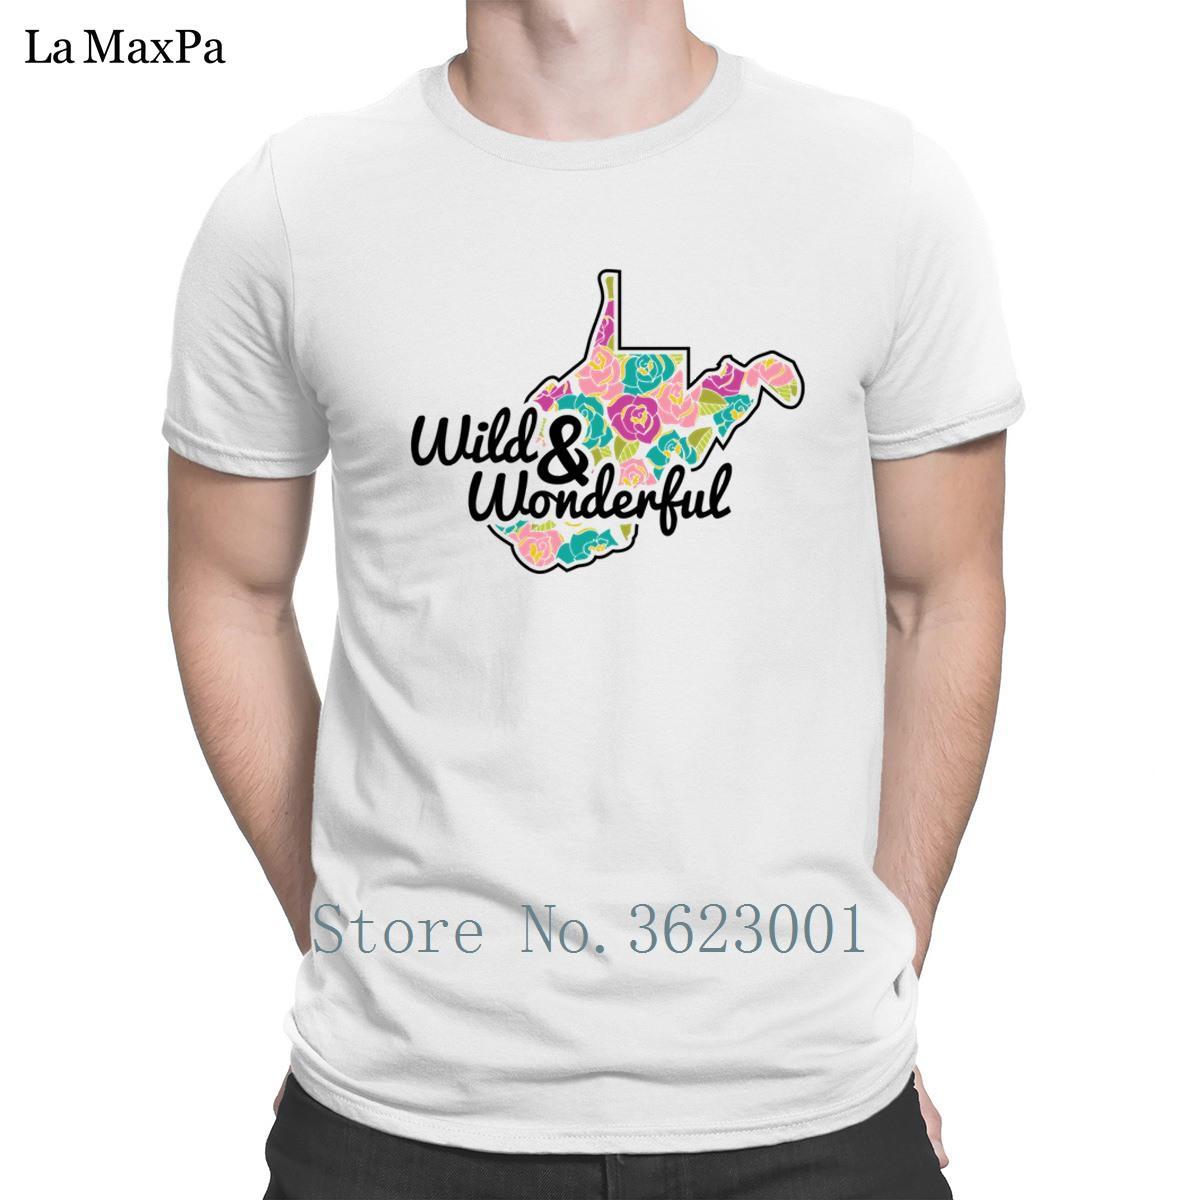 Casual T-shirts Funky manches courtes T-shirt de bas de drôle unique T-shirt Homme Homme Virginie-Occidentale sauvage Hommes merveilleux